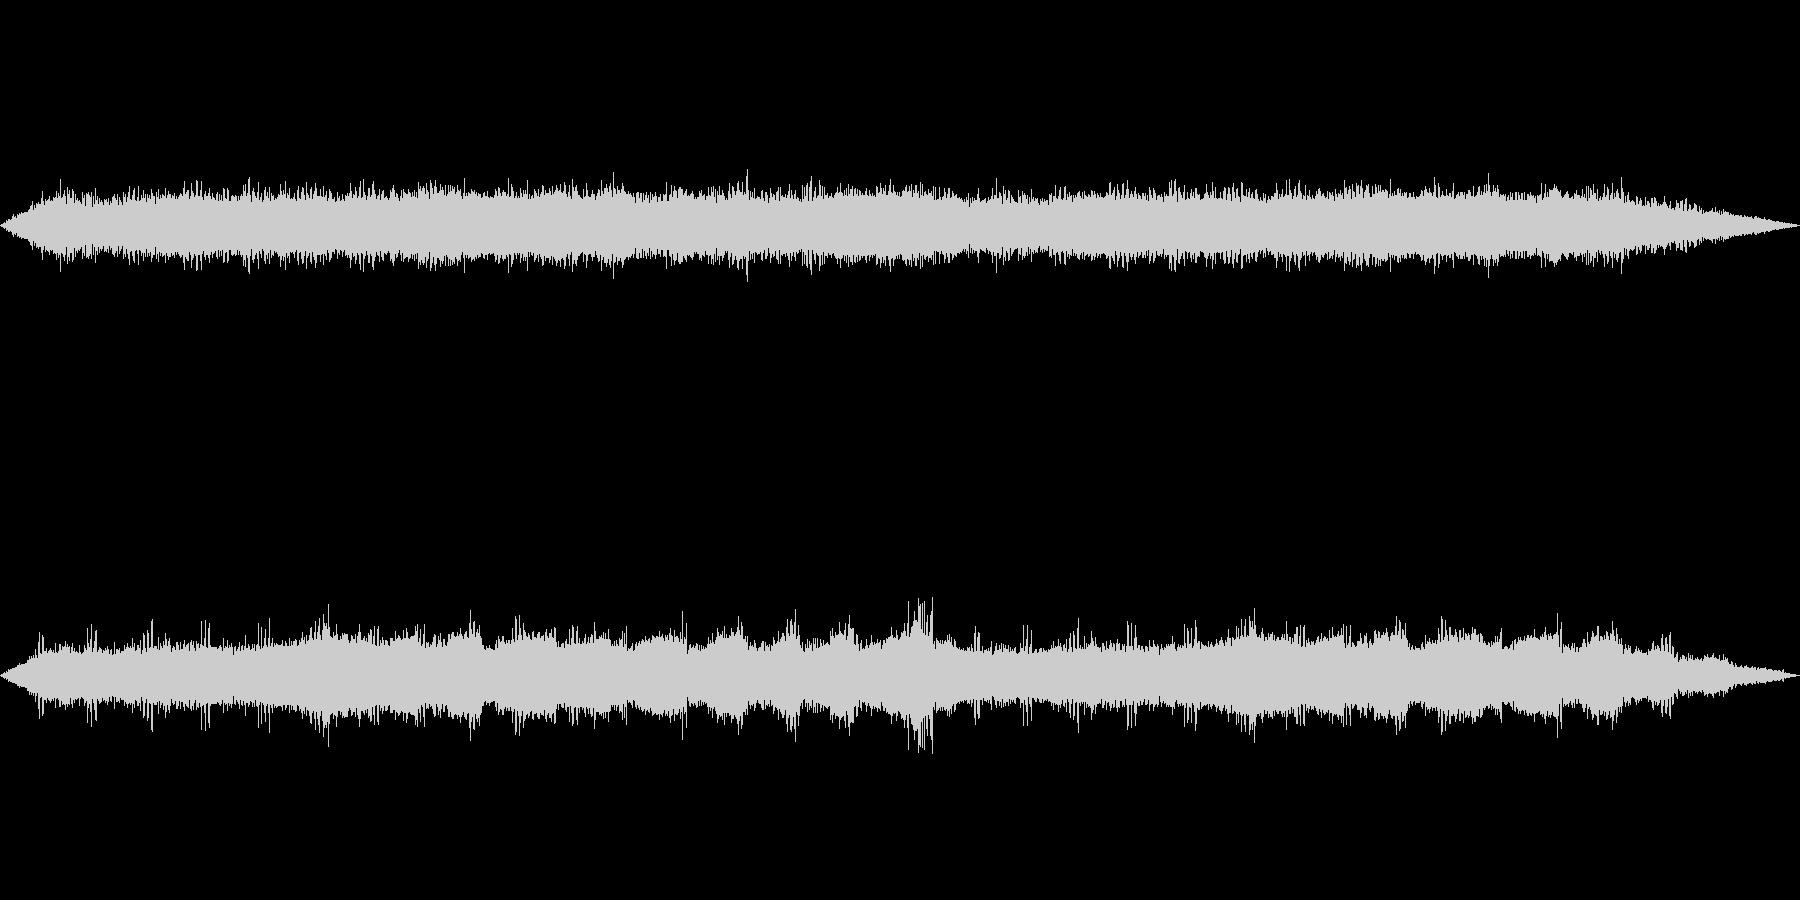 環境音-秋(虫の鳴き声)の未再生の波形